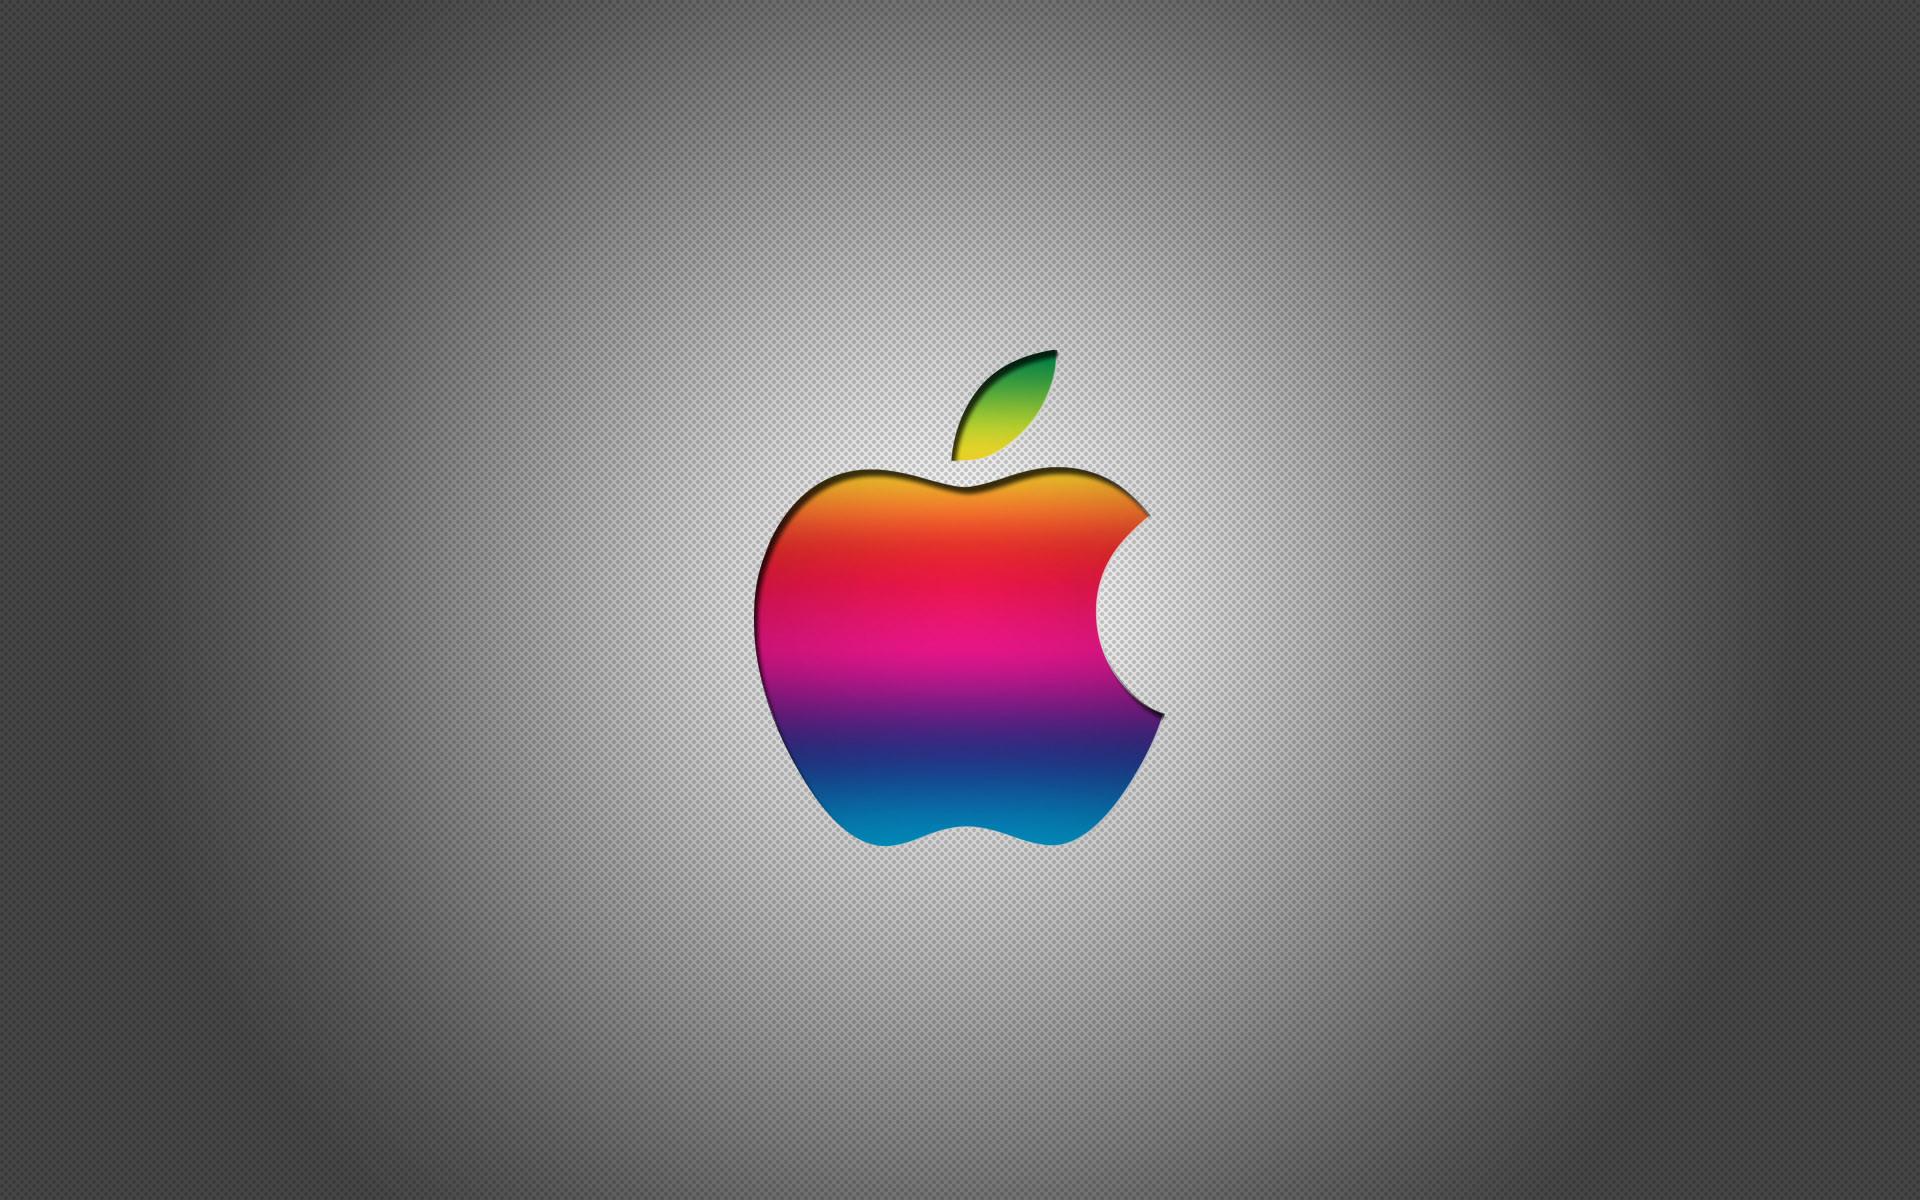 Sfondi apple 74 immagini for Immagini hd apple